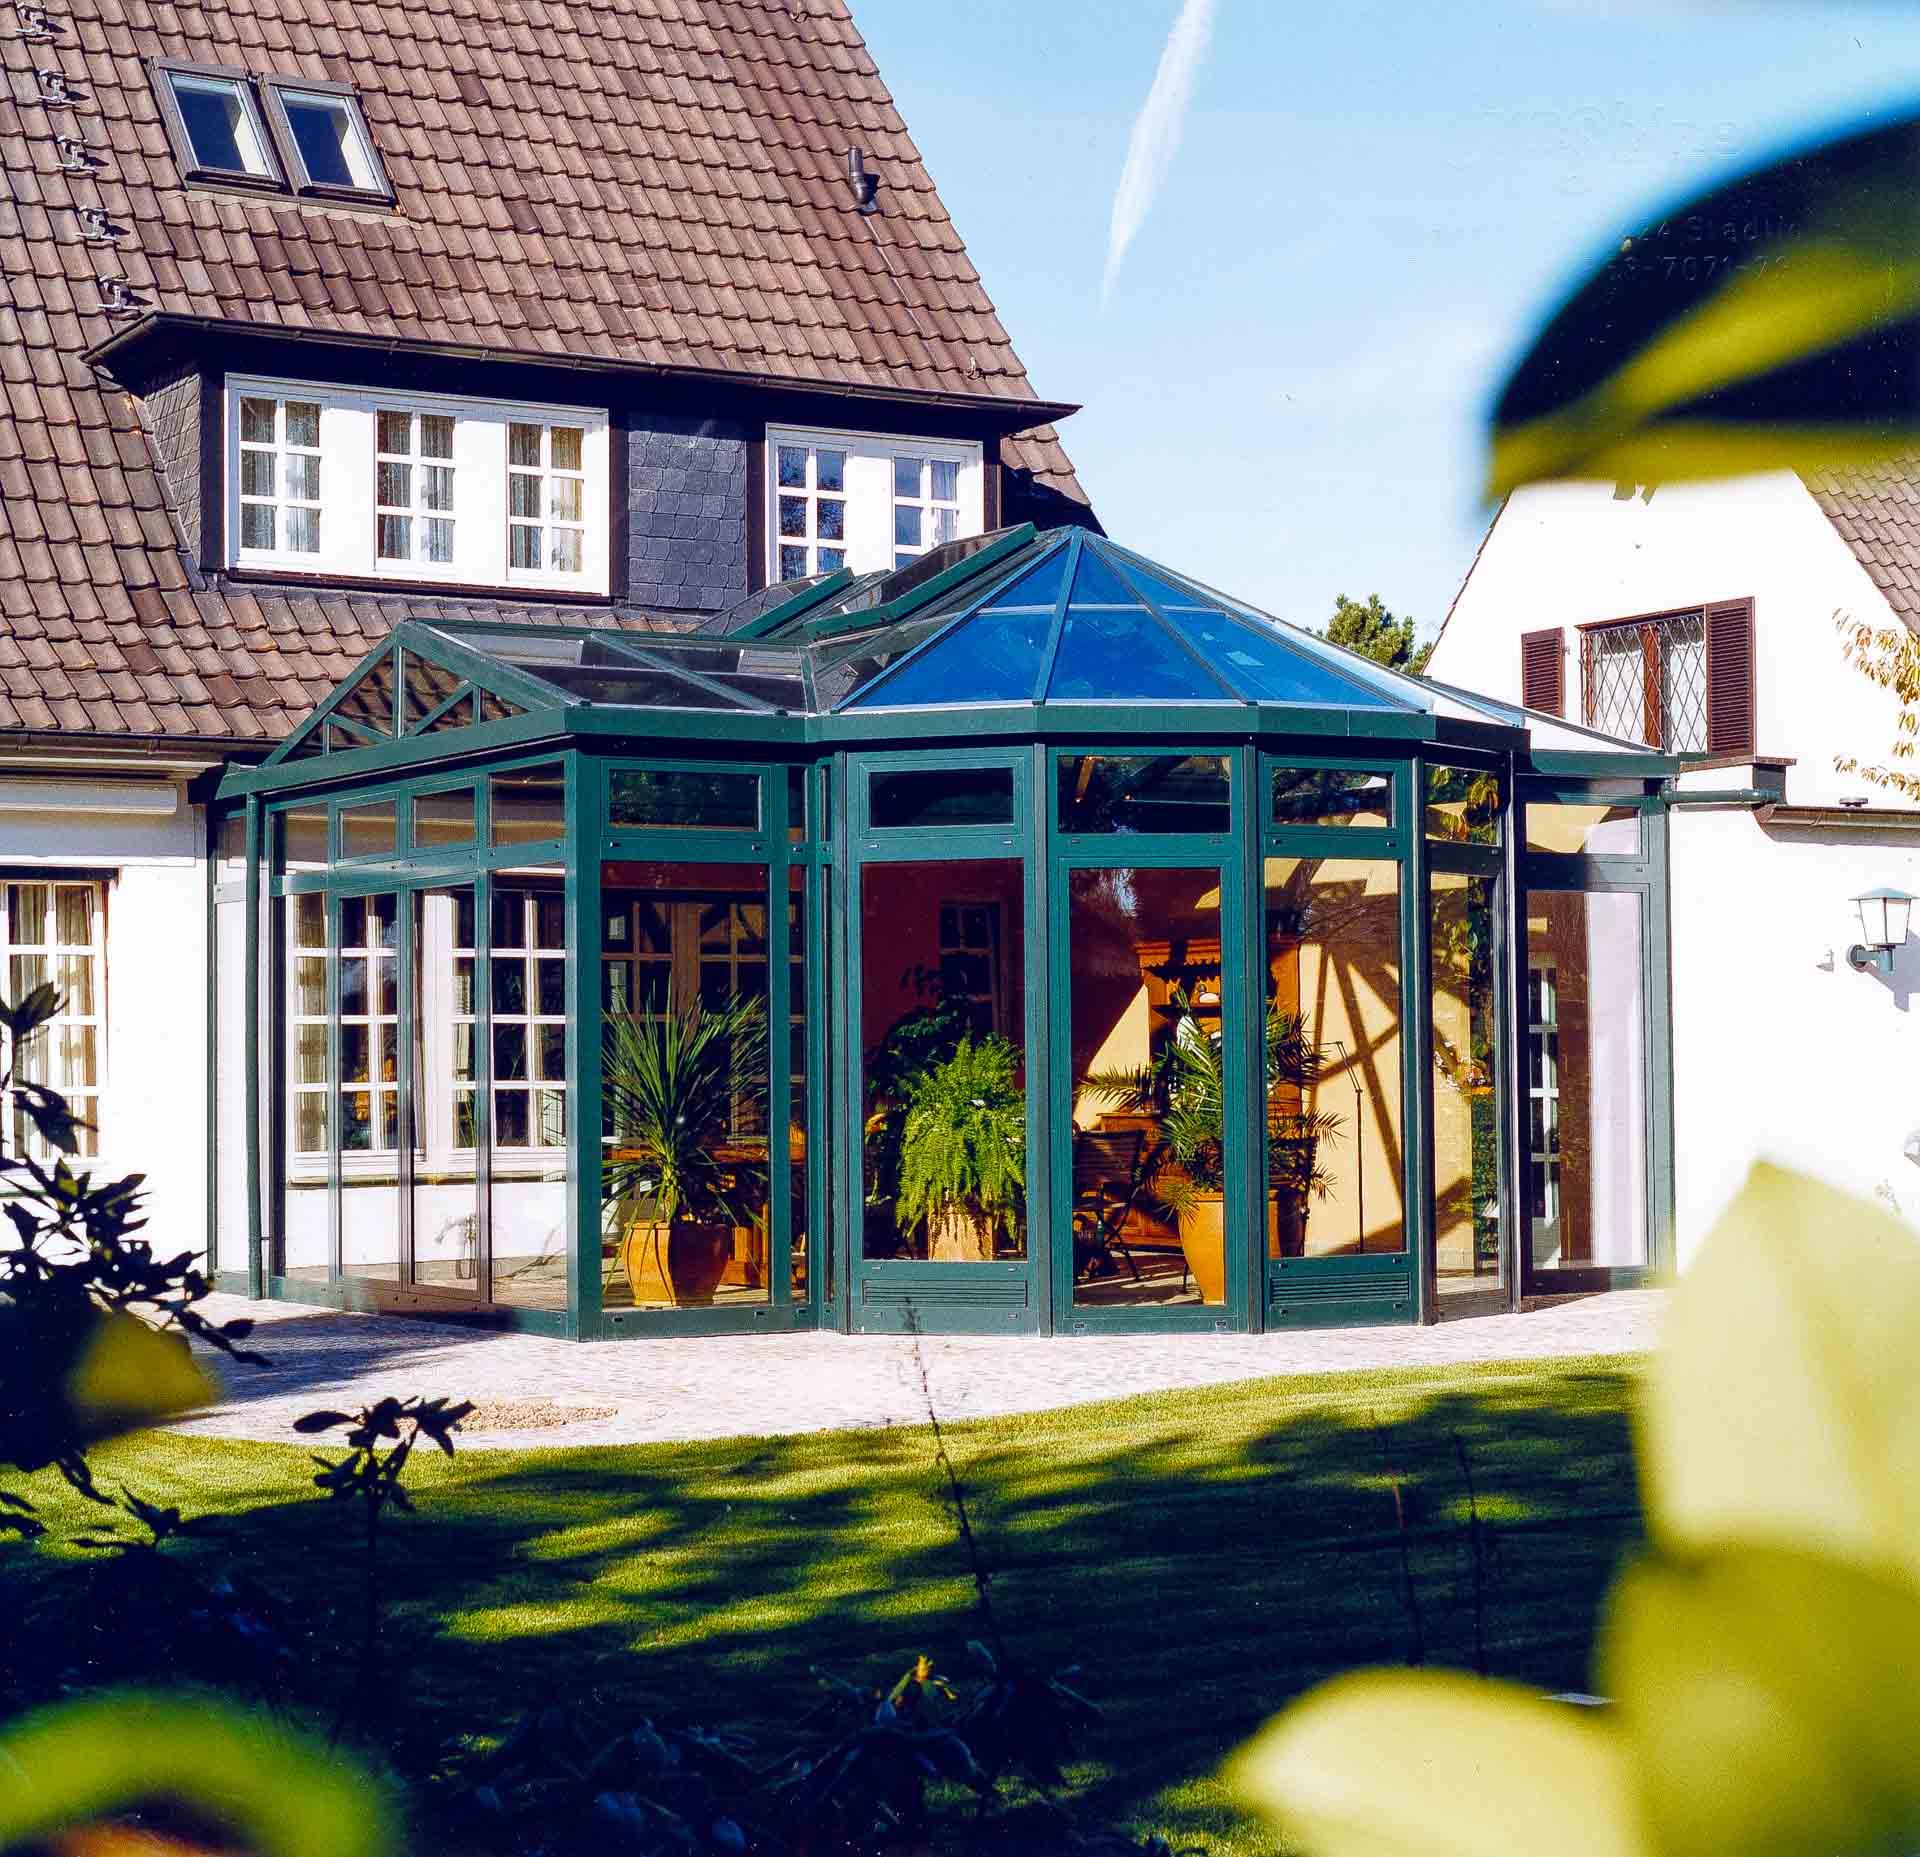 Wintergarten in Düsseldorf (Objekt 607). Interessante Dachkonstruktion - Kreuzdach mit Apsis und Sonnenschutzverglasung